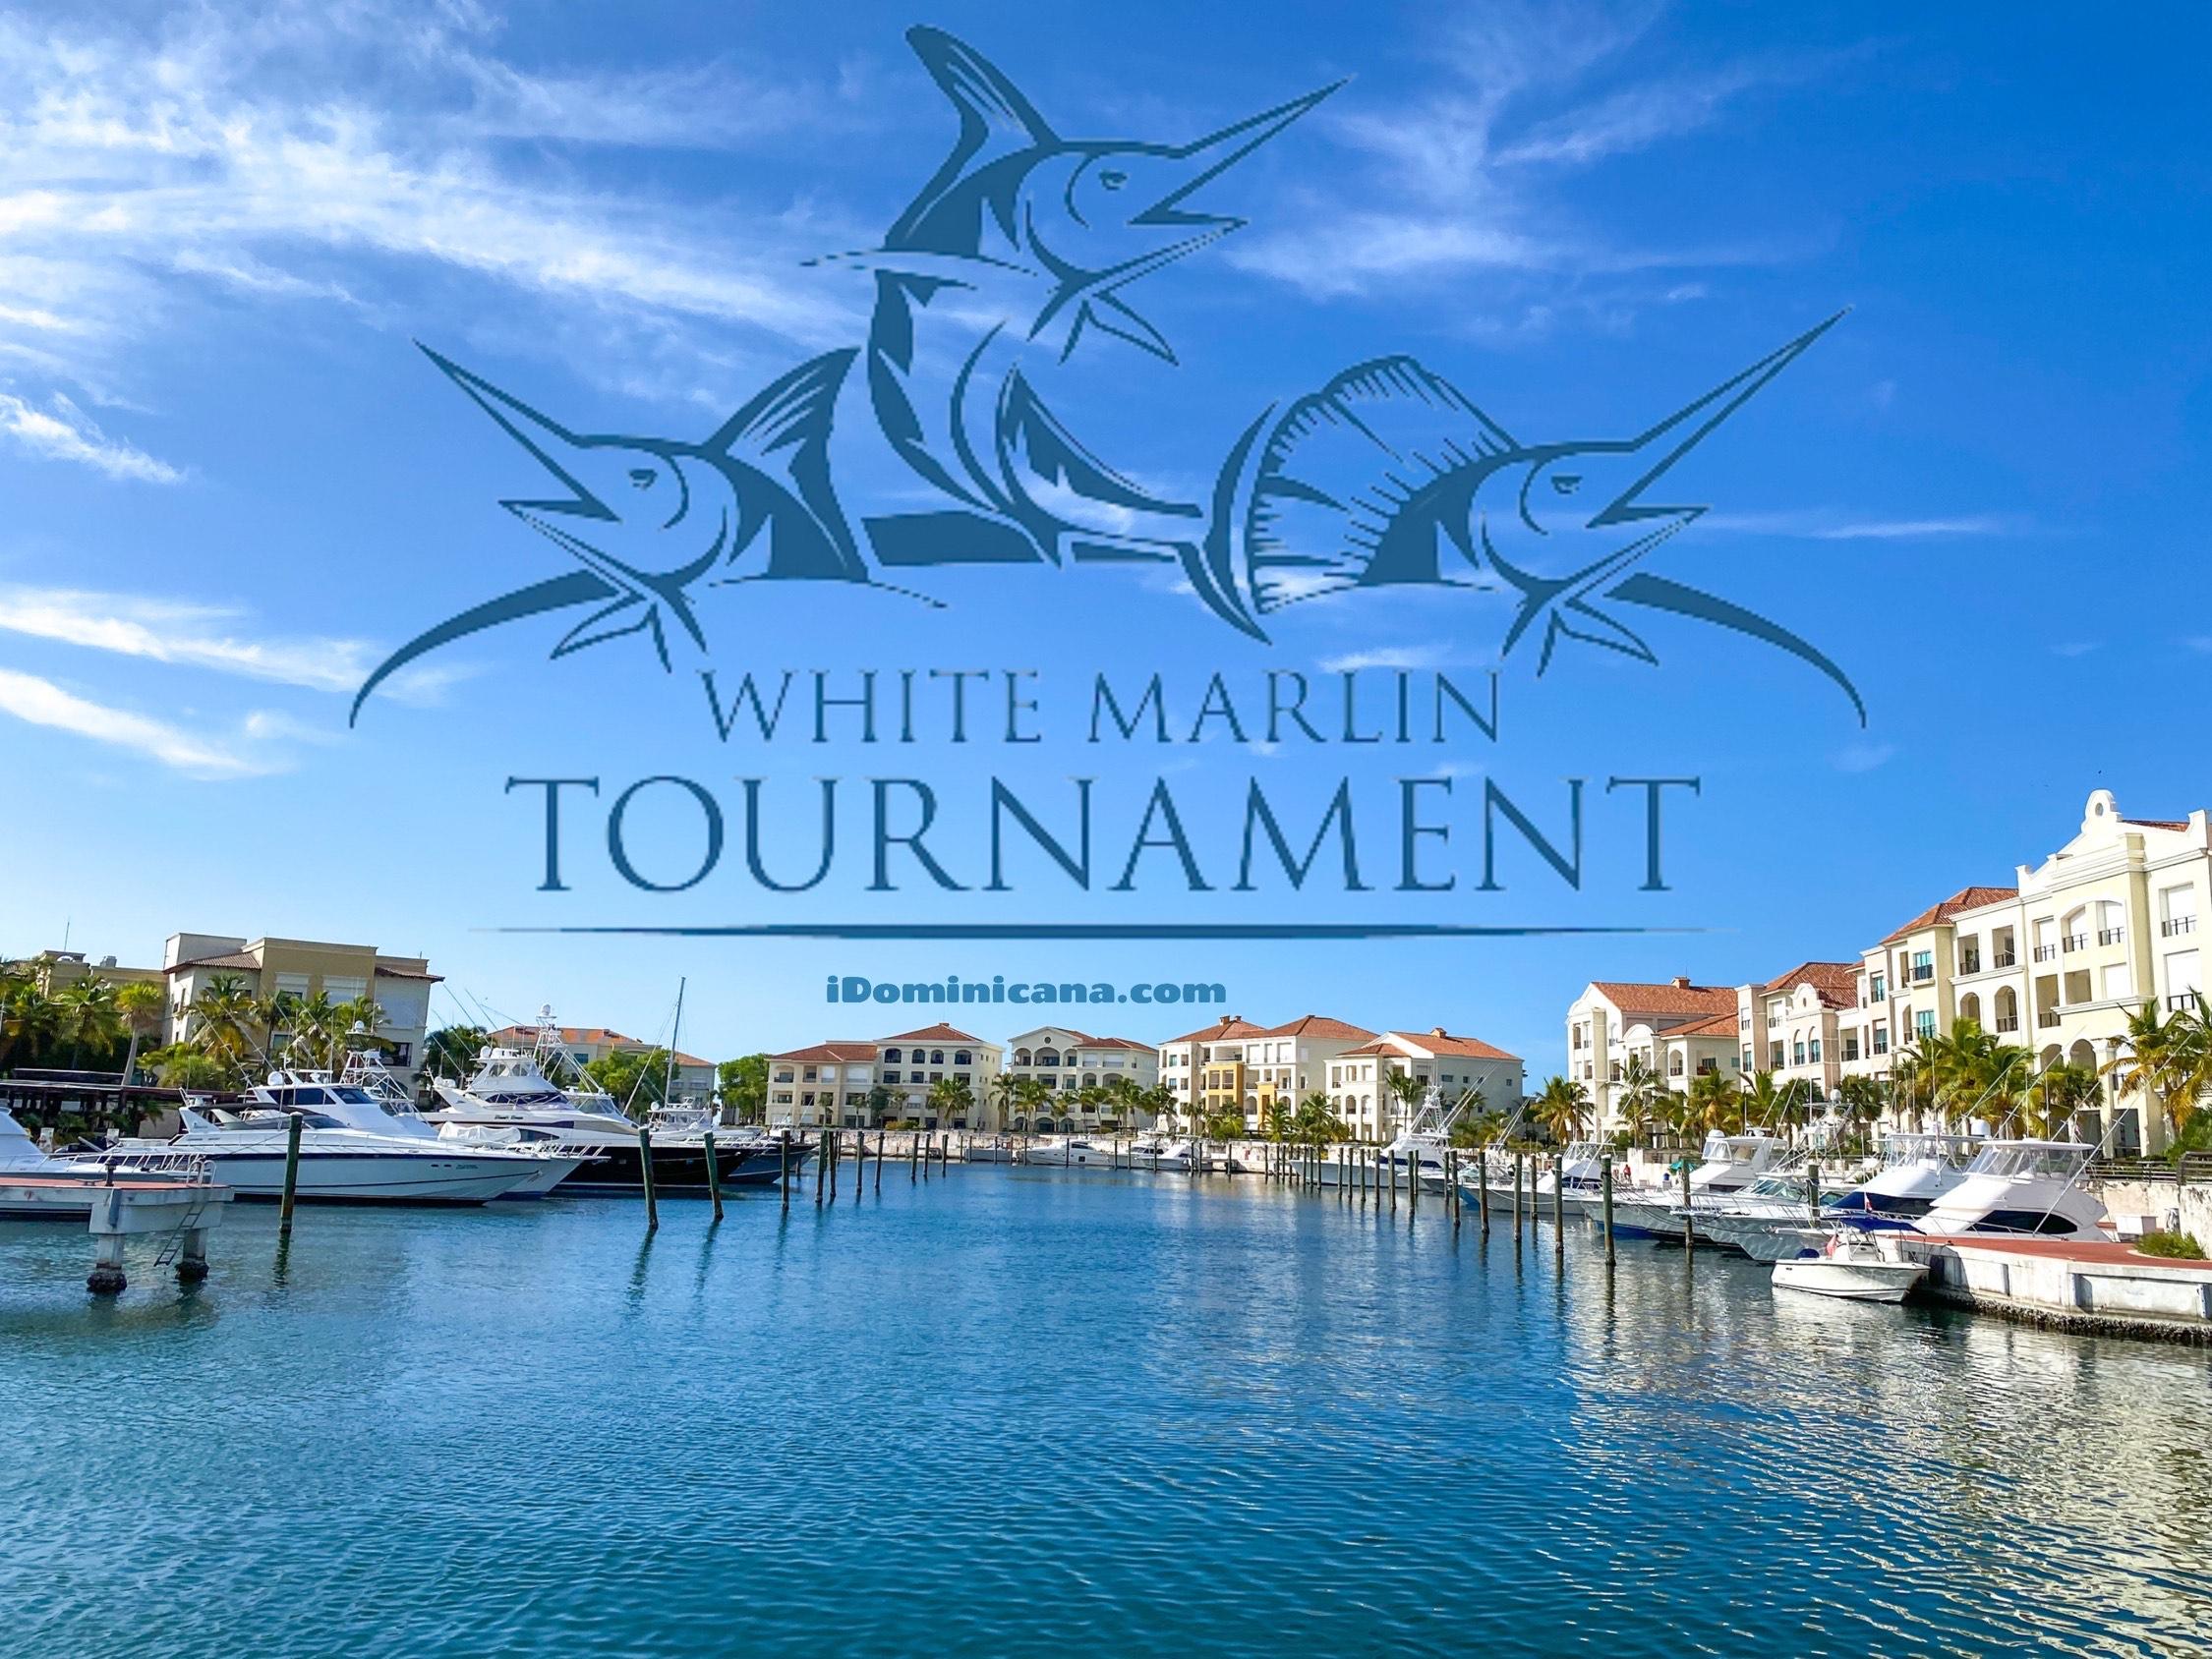 White Marlin Tournament 2021: в Доминикане пройдет турнир по спортивной рыбной ловле